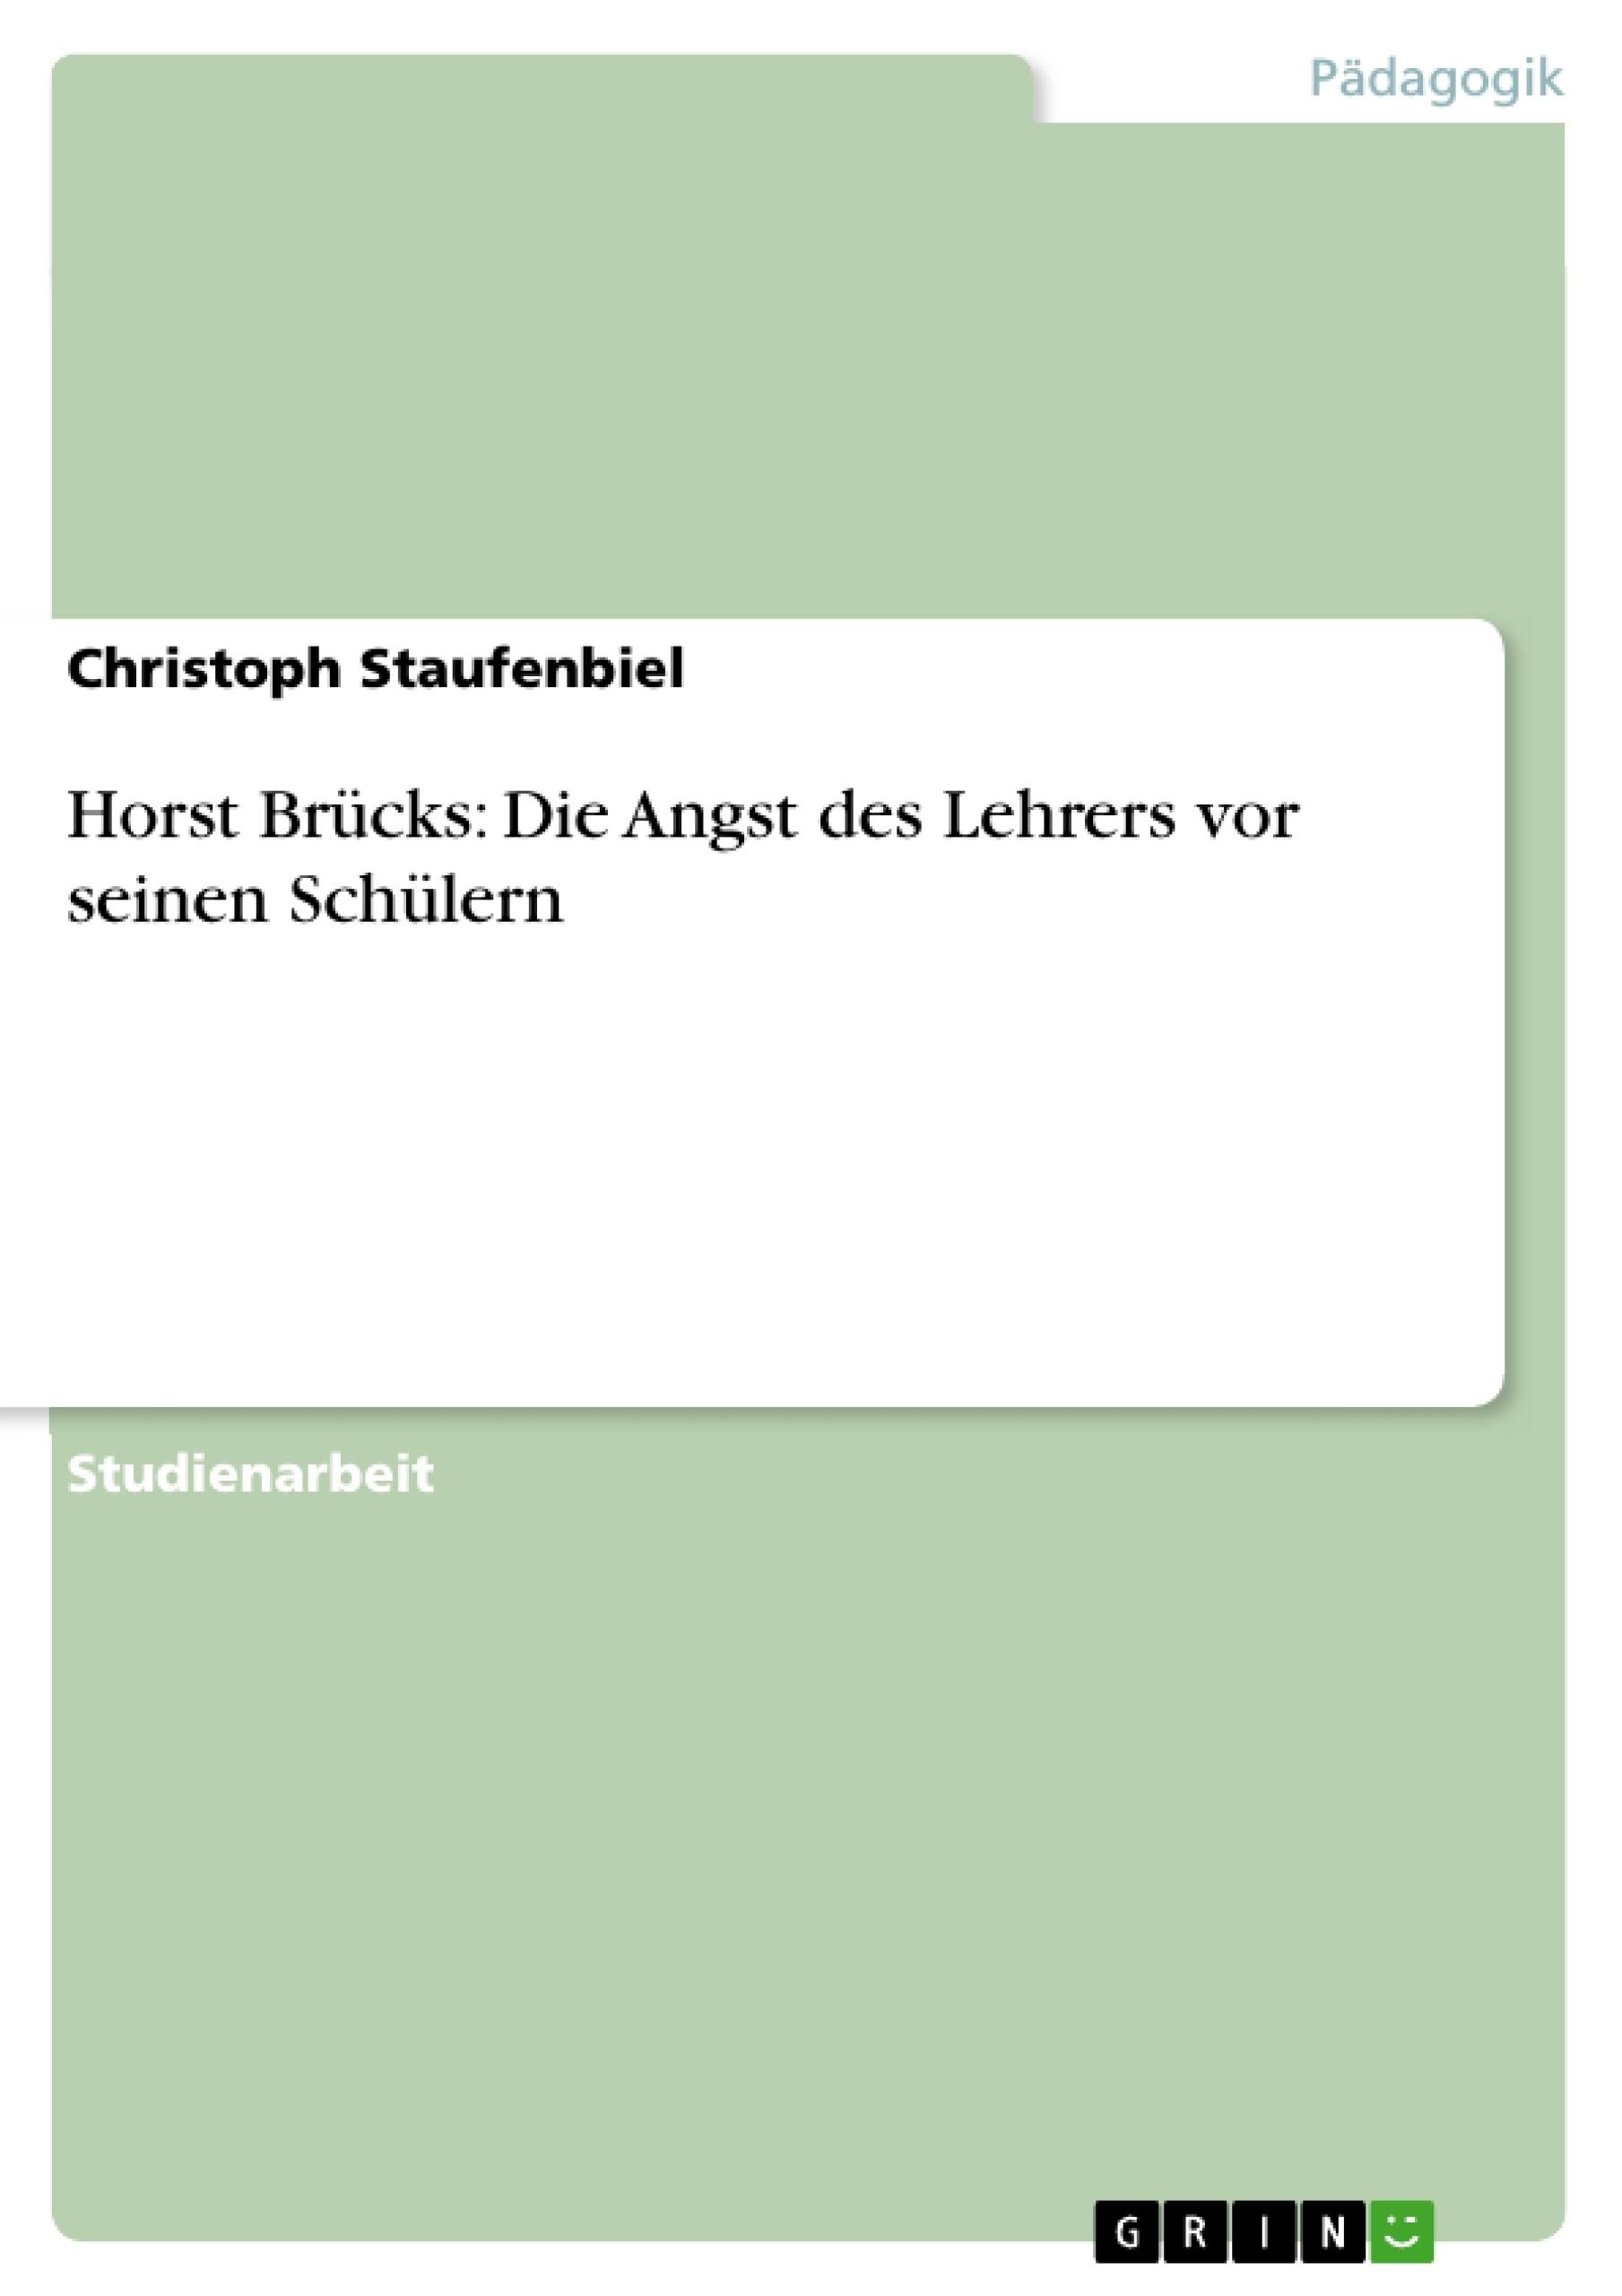 Titel: Horst Brücks: Die Angst des Lehrers vor seinen Schülern